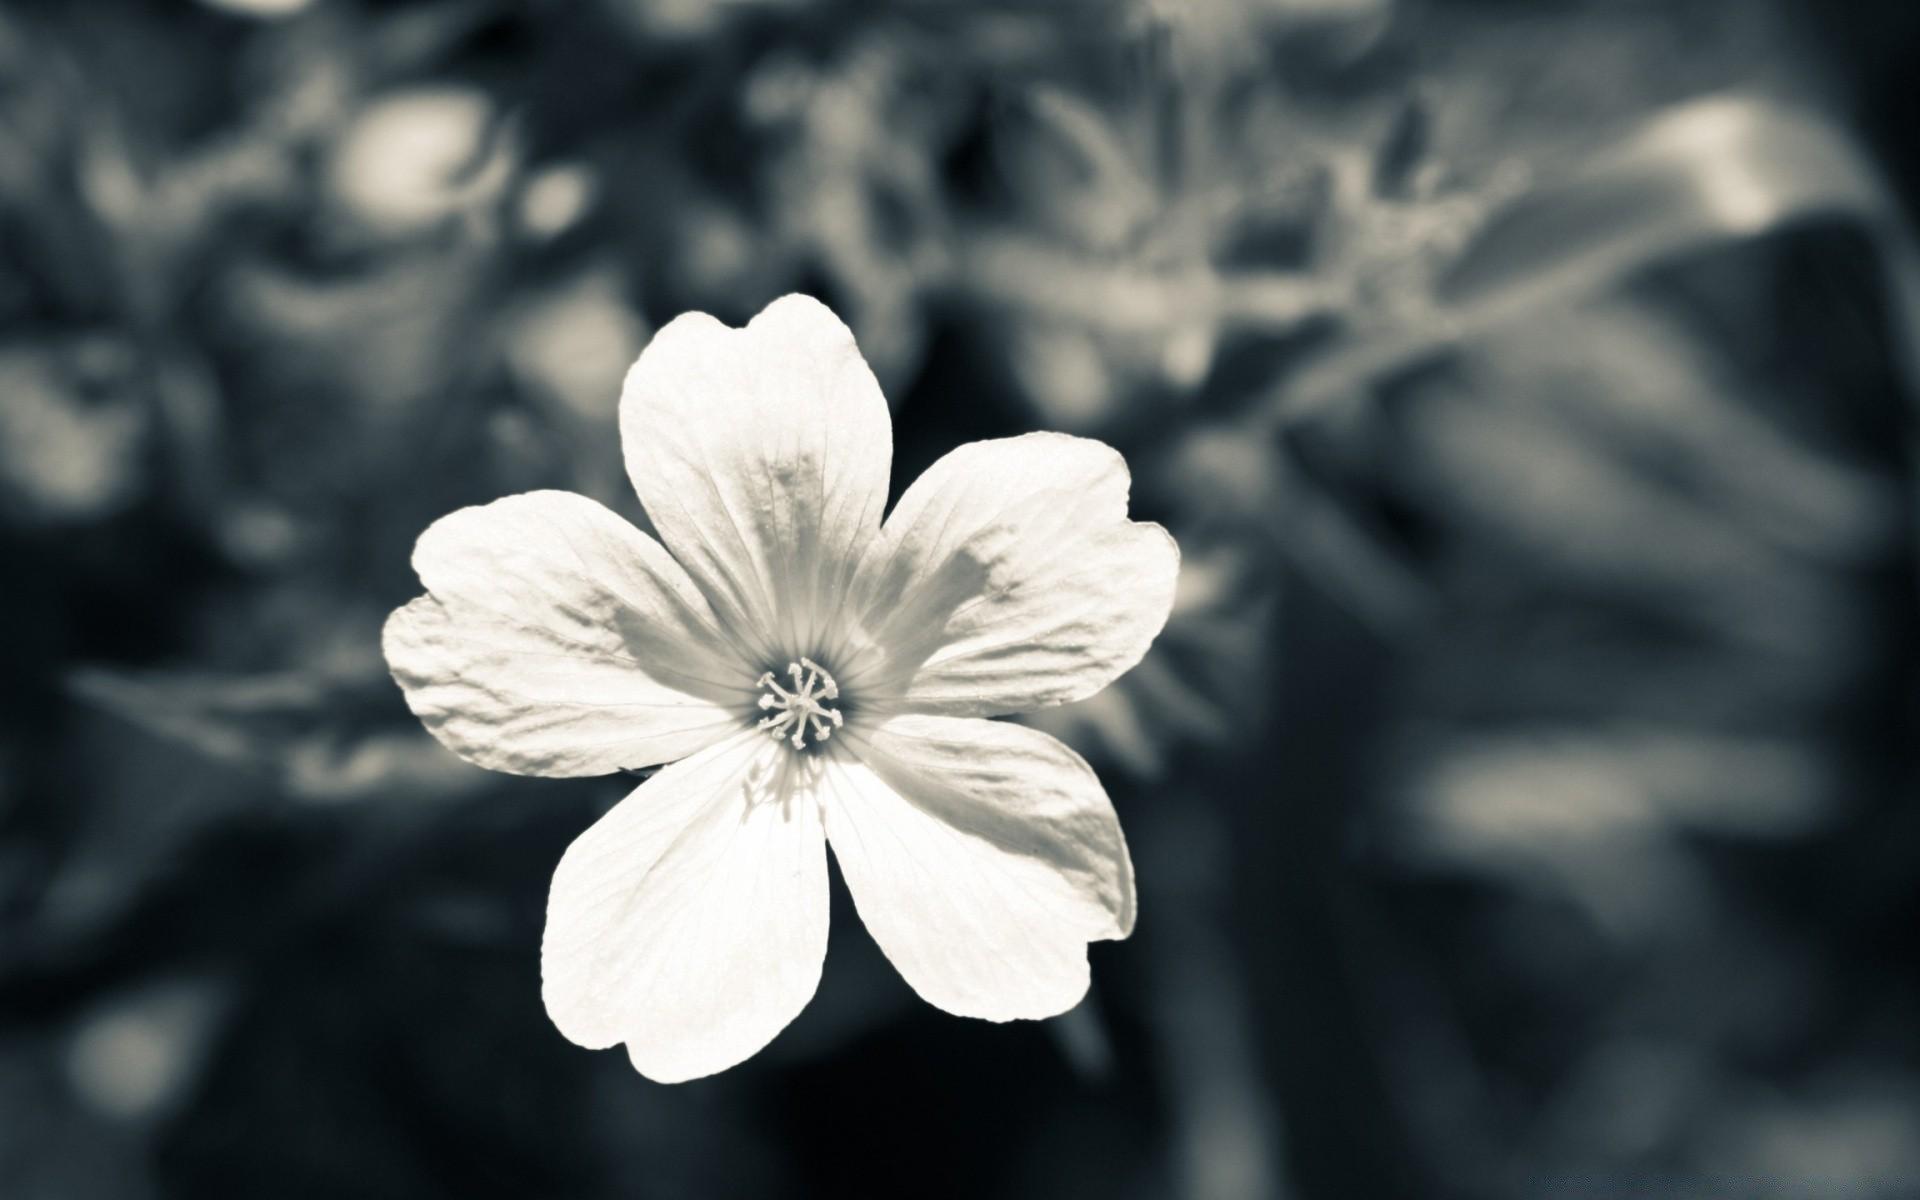 цветы на столе картинки черно-белые